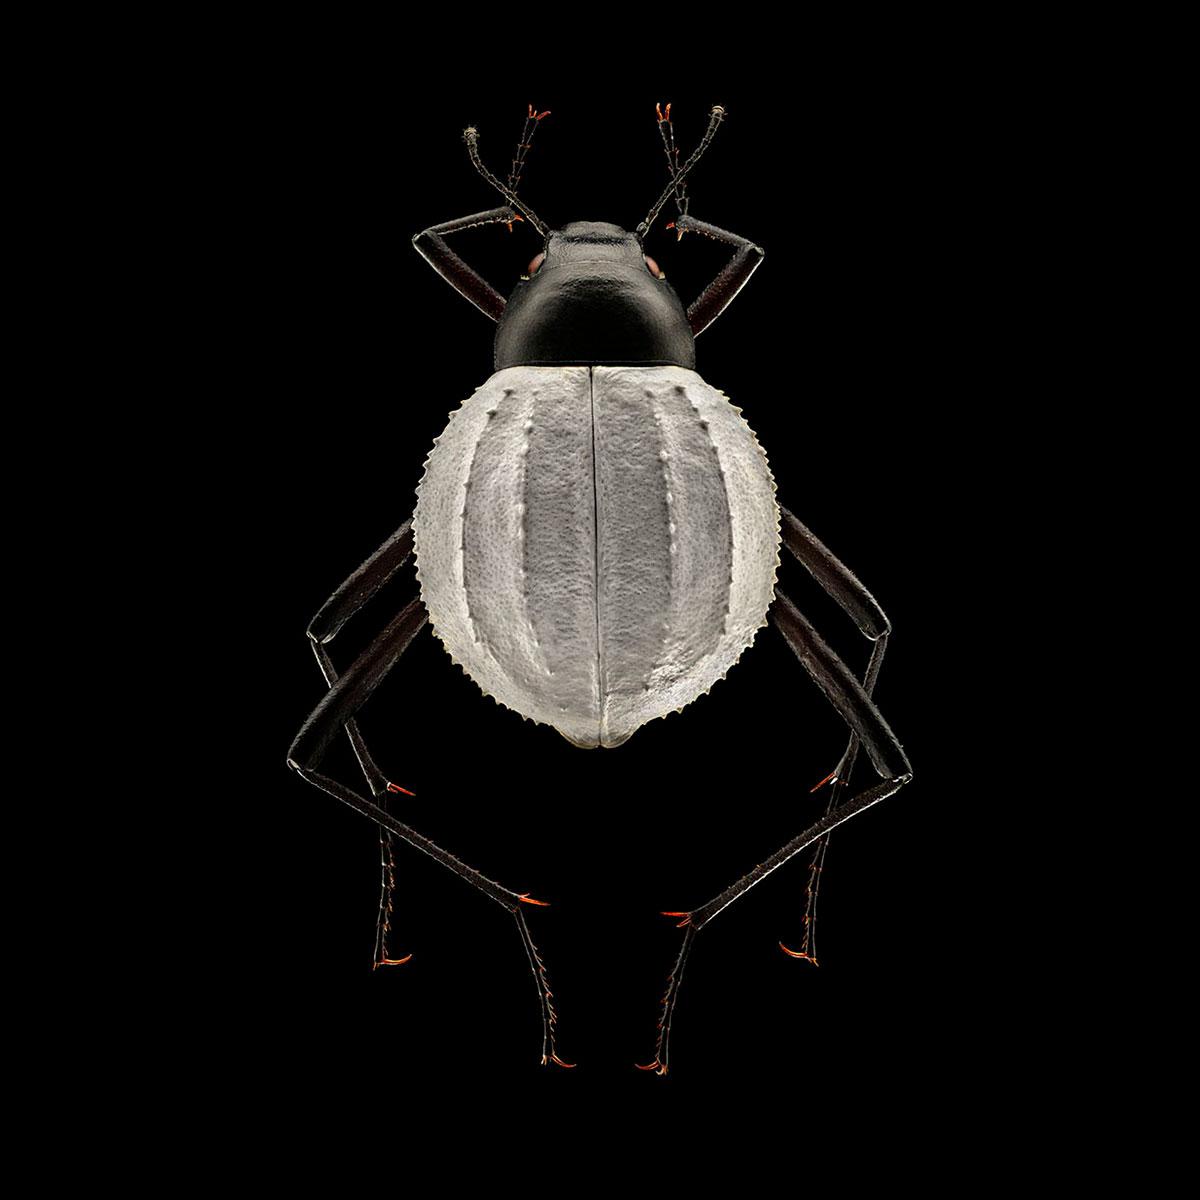 """""""Darkling Beetle Wall"""" By Levon Biss"""